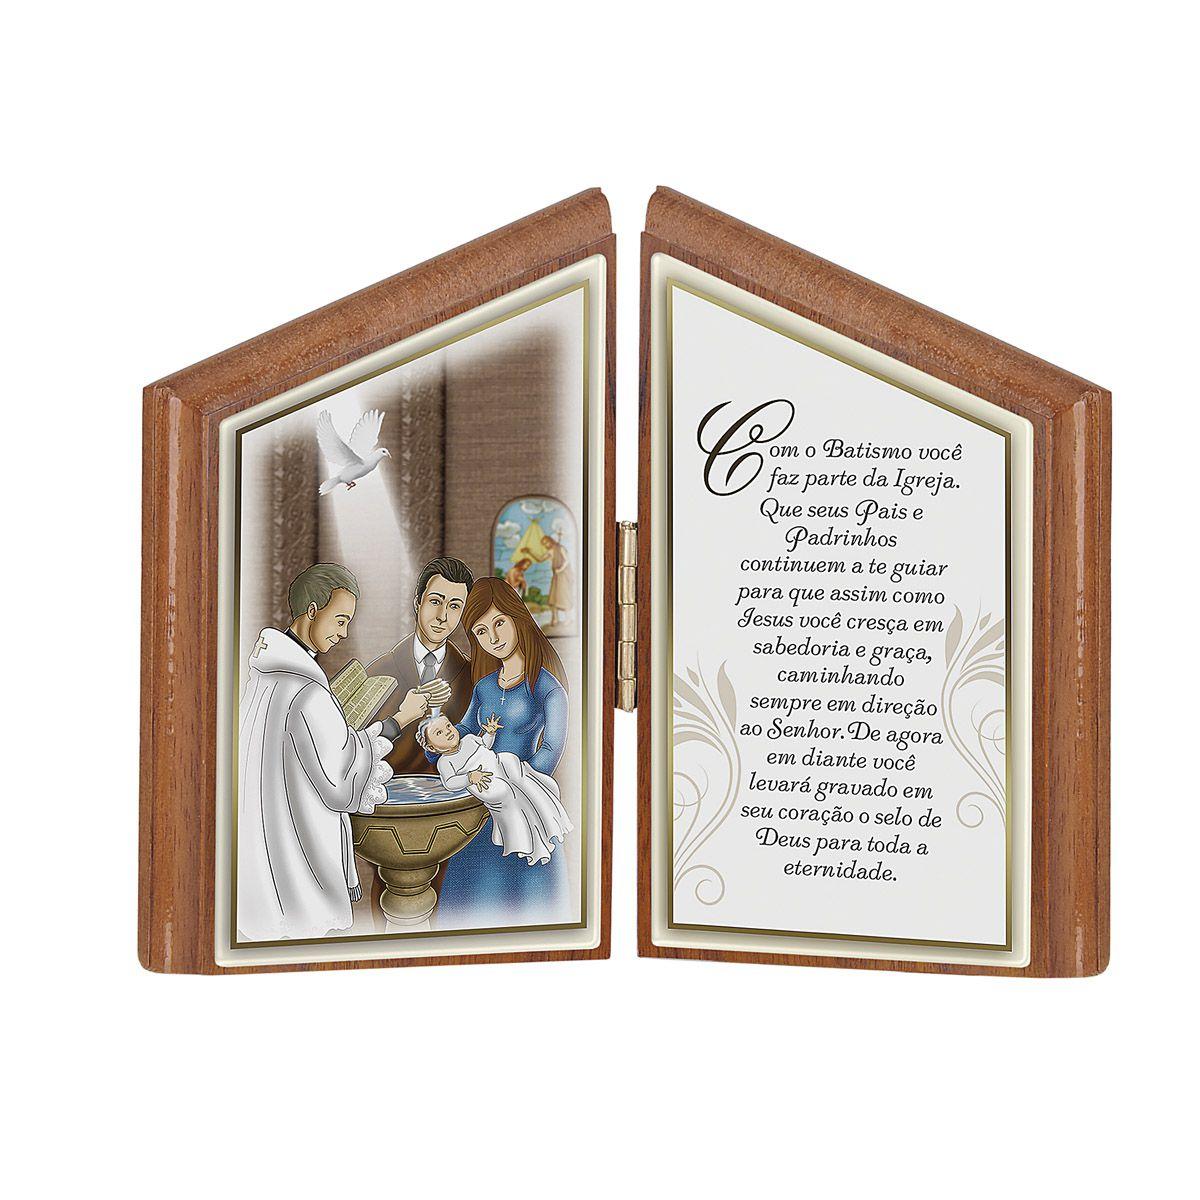 Lembrança de Batismo com oração para mesa  - em madeira